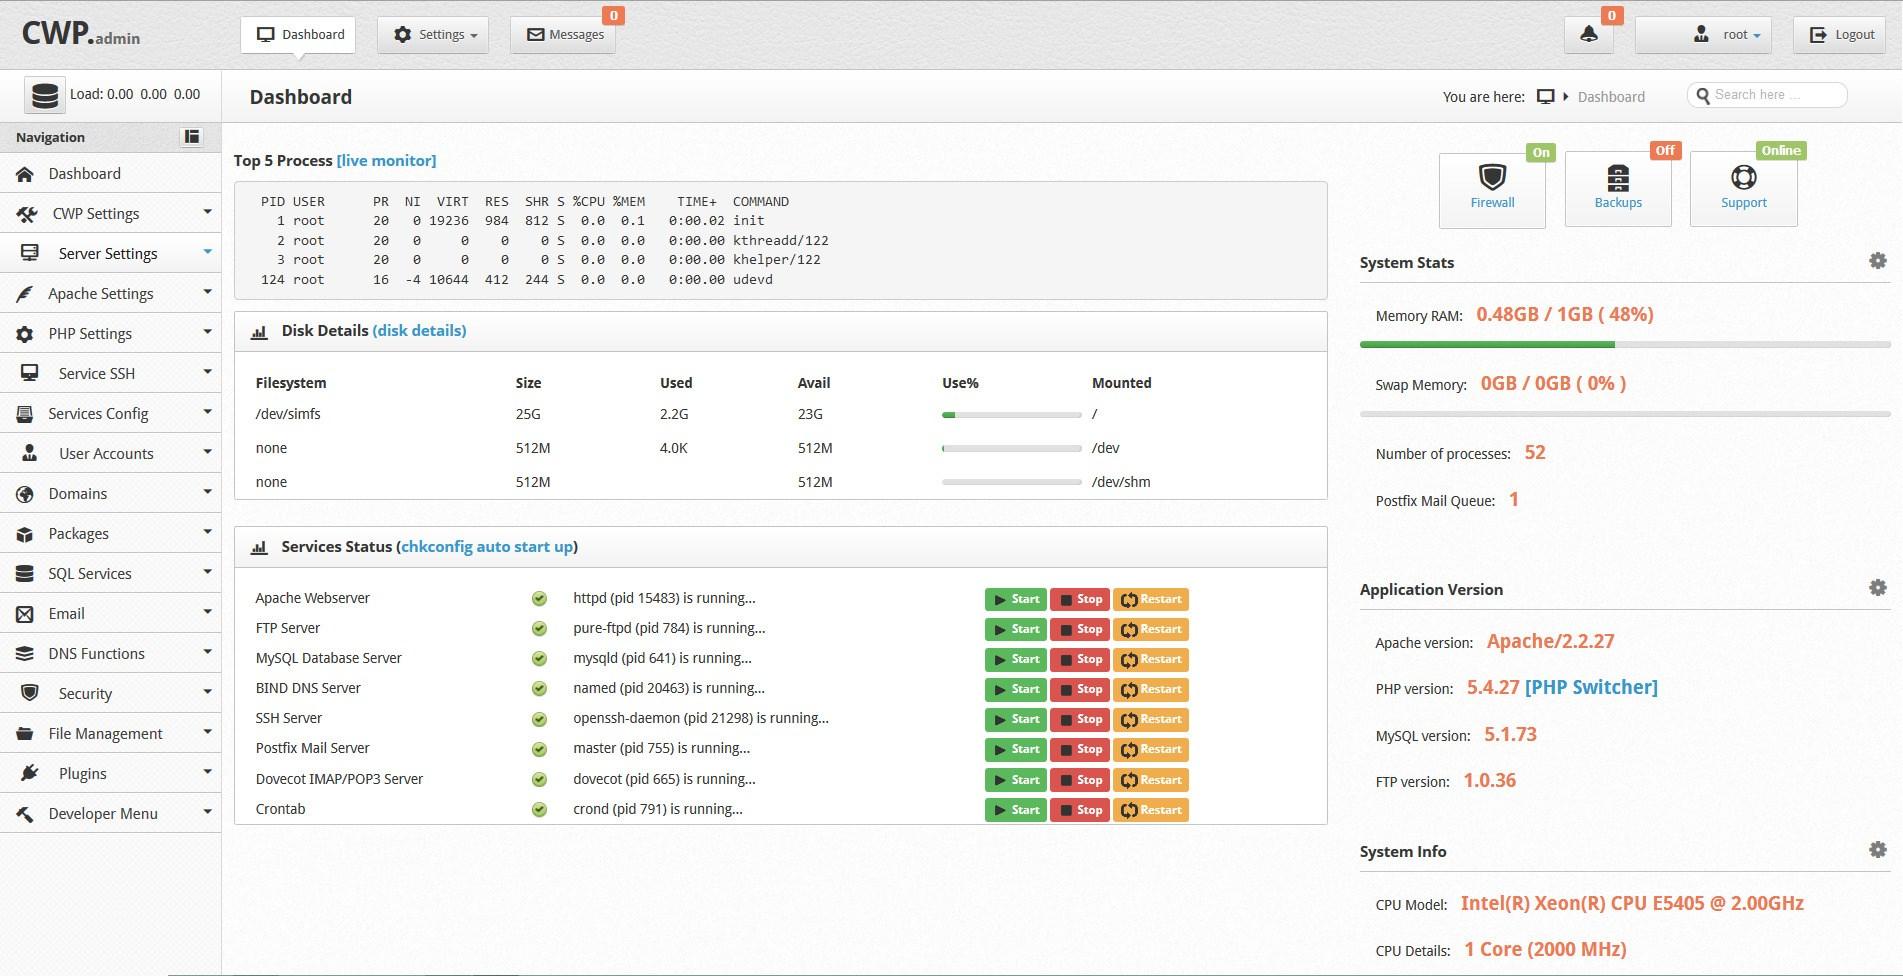 آموزش نصب سنتوس وب پنل Centos Web Panel